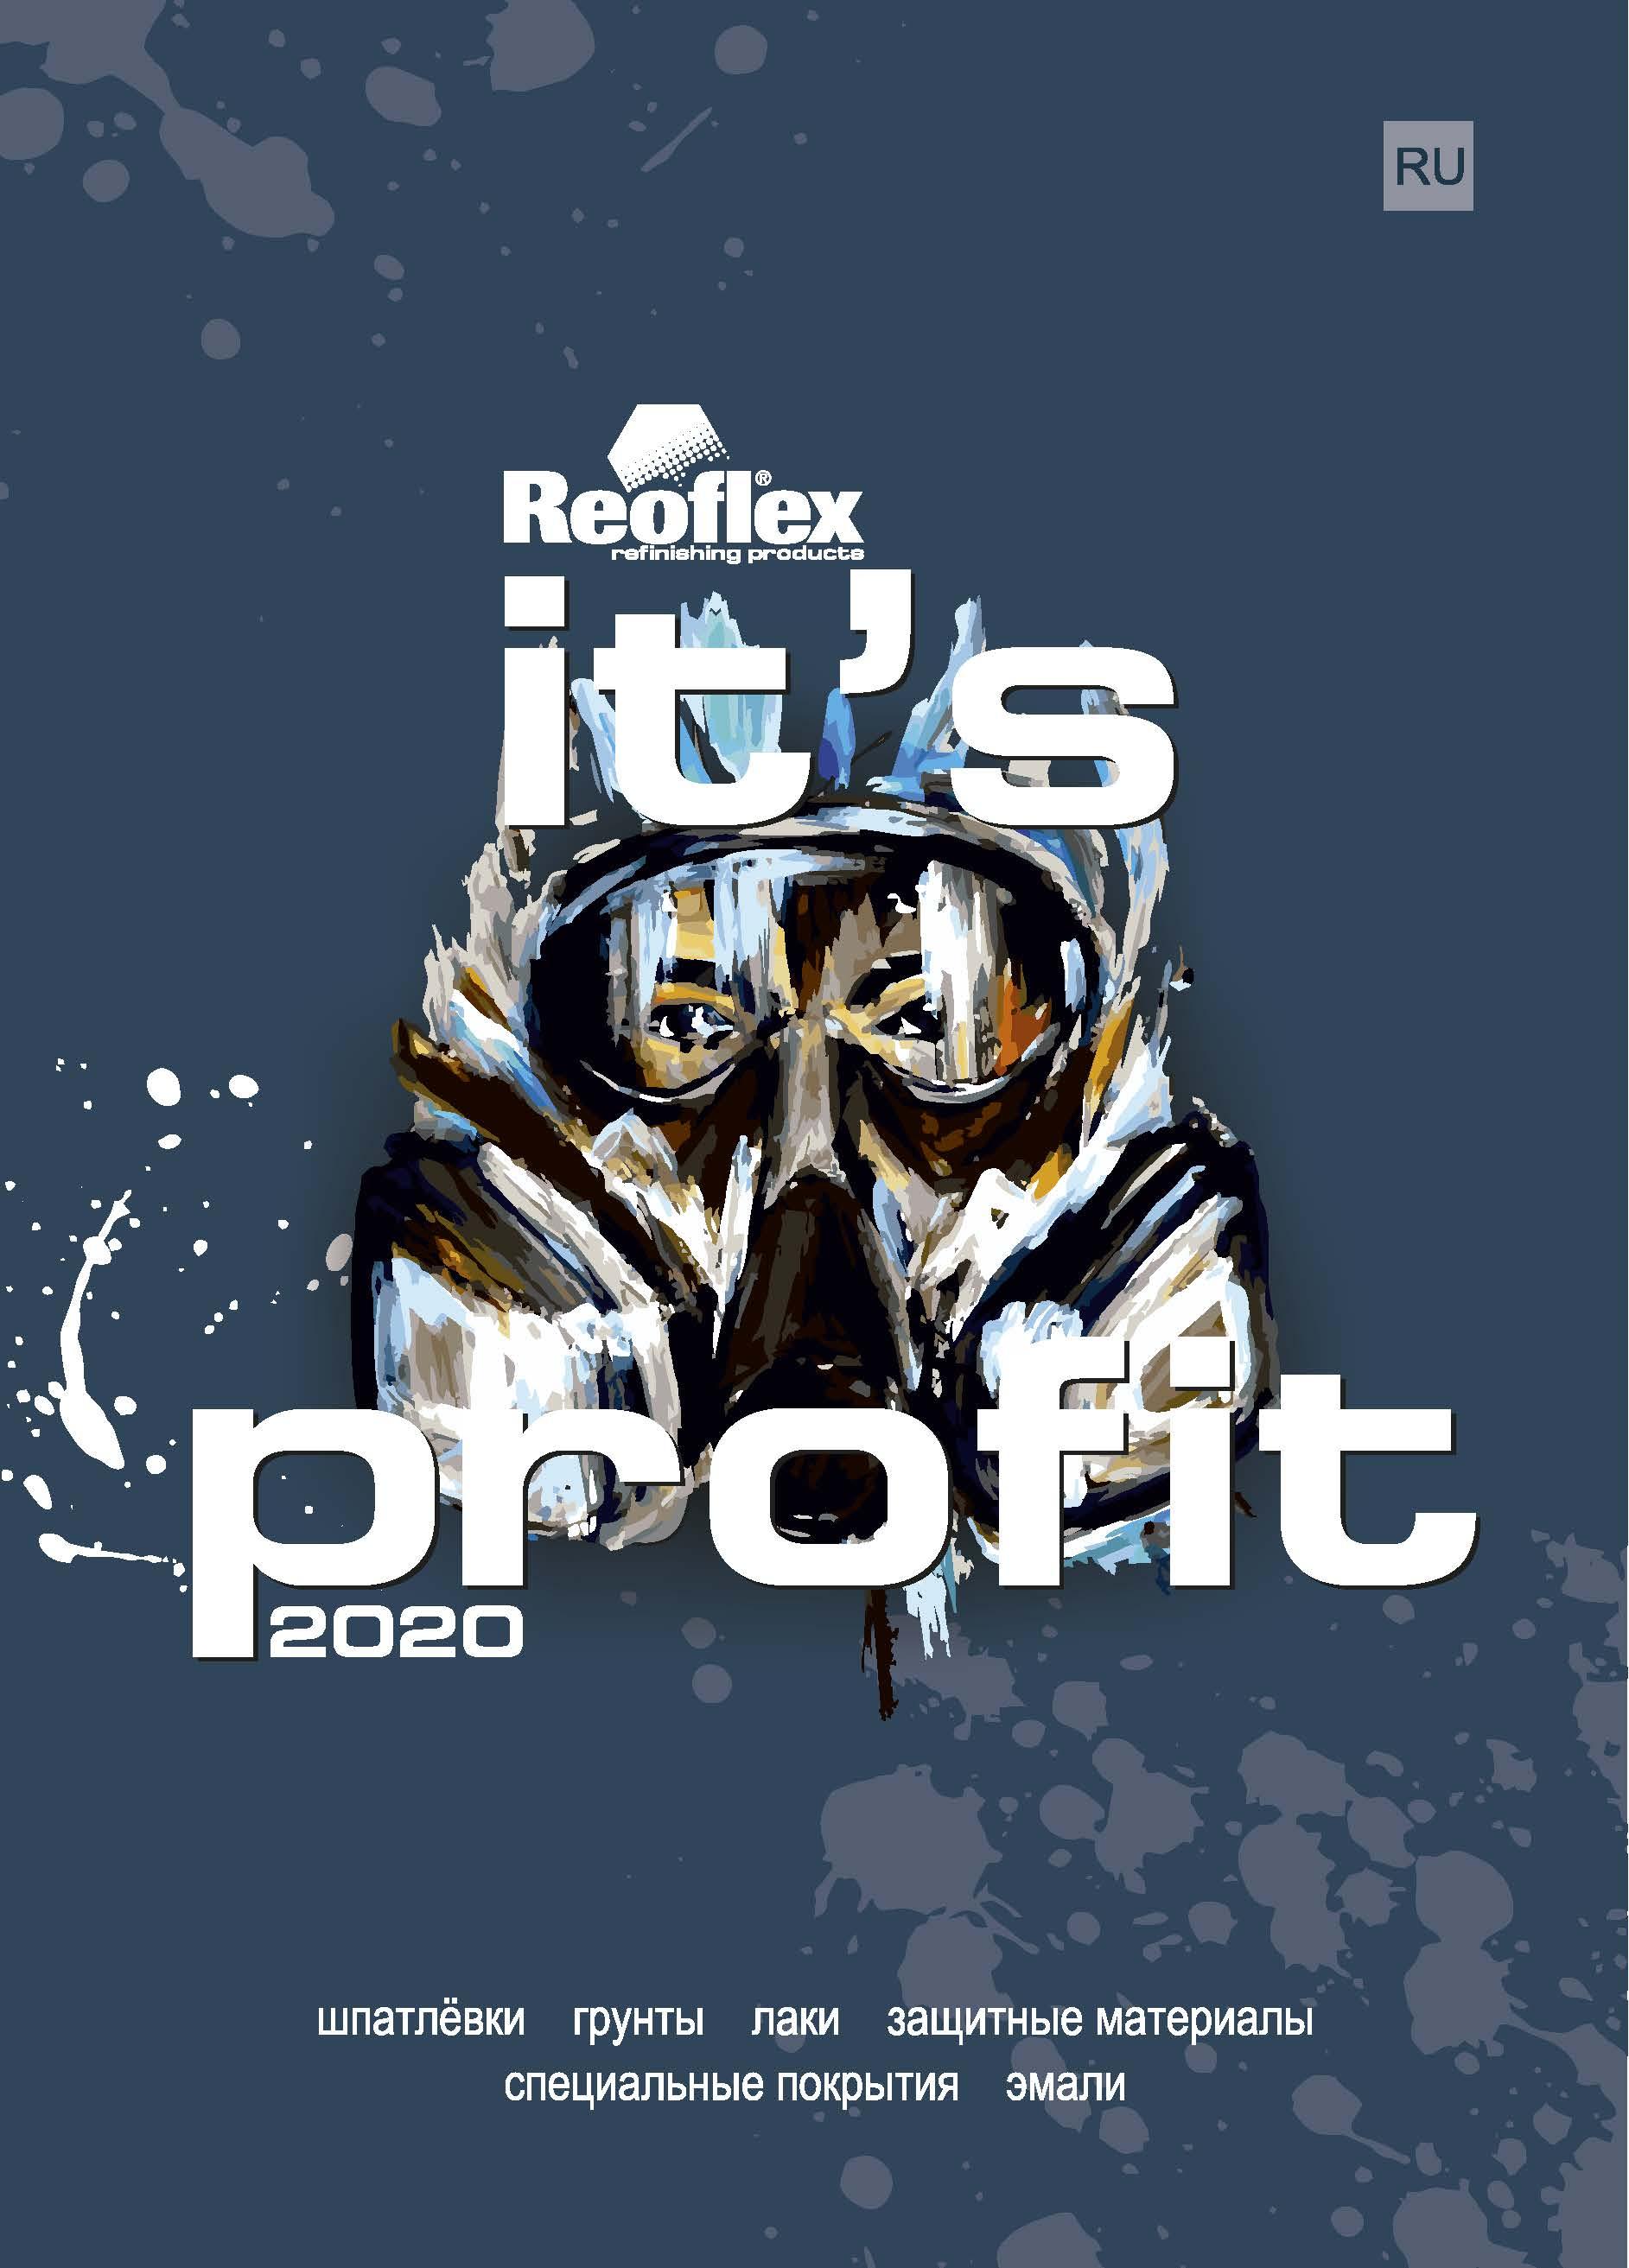 Каталог бренда Reoflex - old